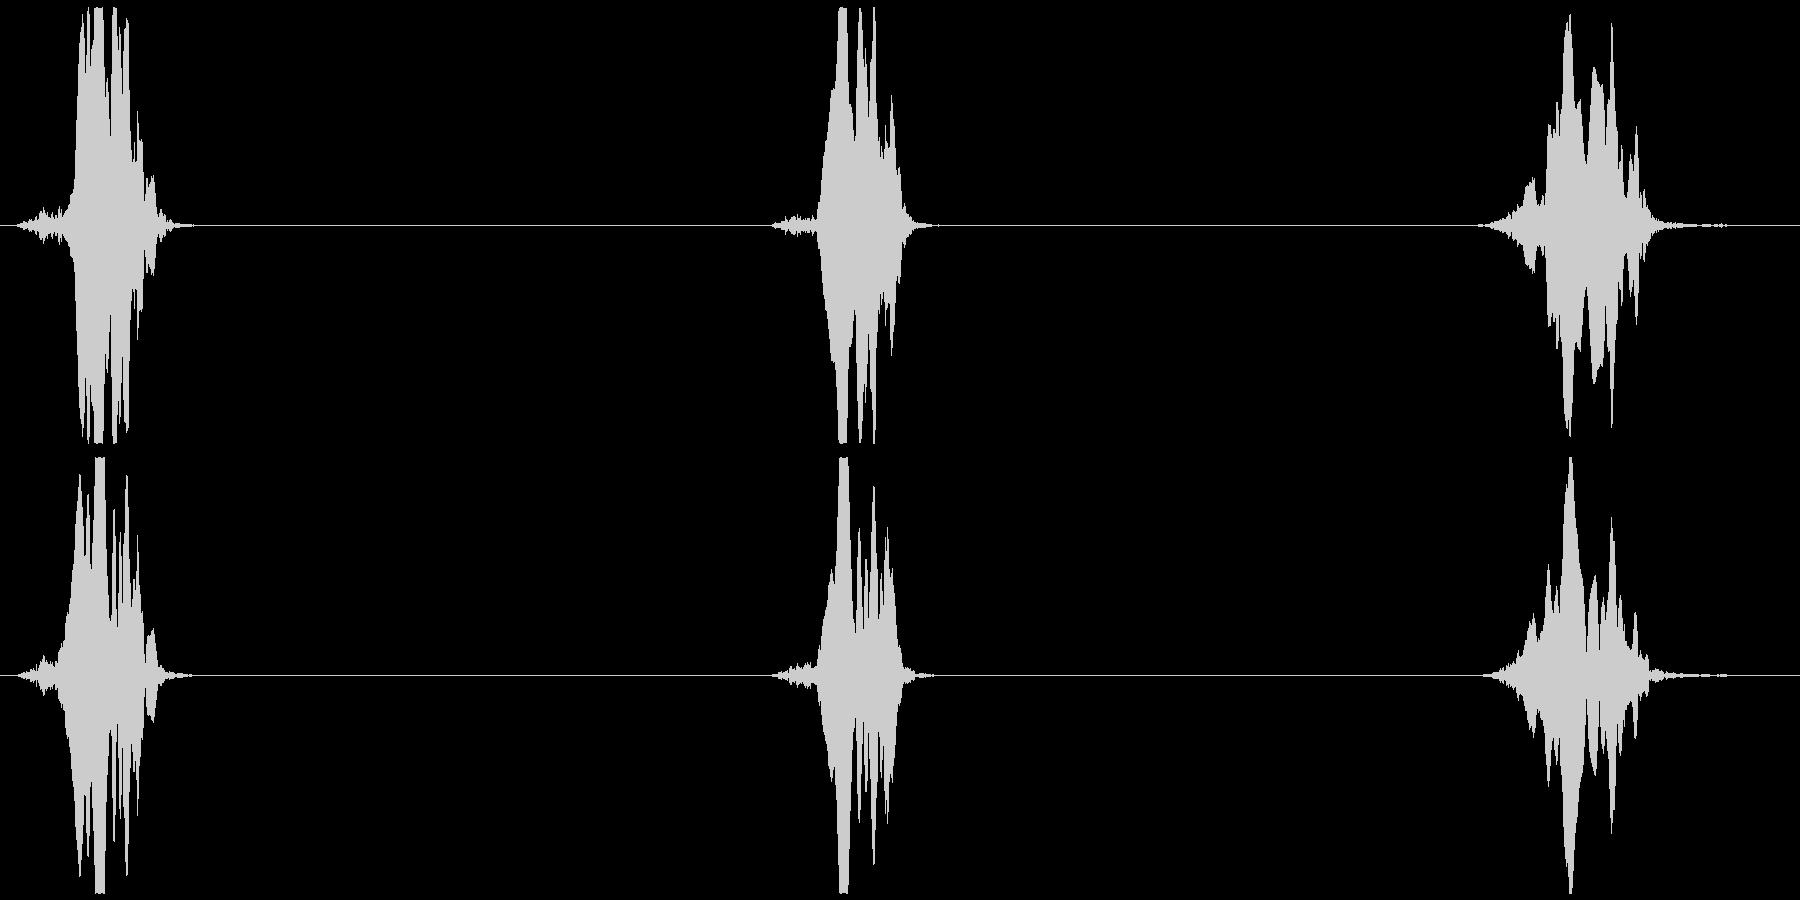 鳥の鳴き声 架空/想像 ヒヨッ×3の未再生の波形